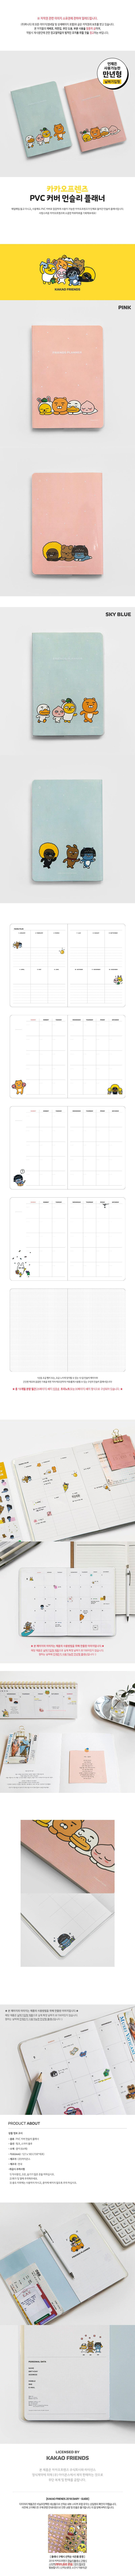 카카오프렌즈 2018 만년 먼슬리 플래너 - 카카오프렌즈, 5,500원, 플래너, 위클리플래너